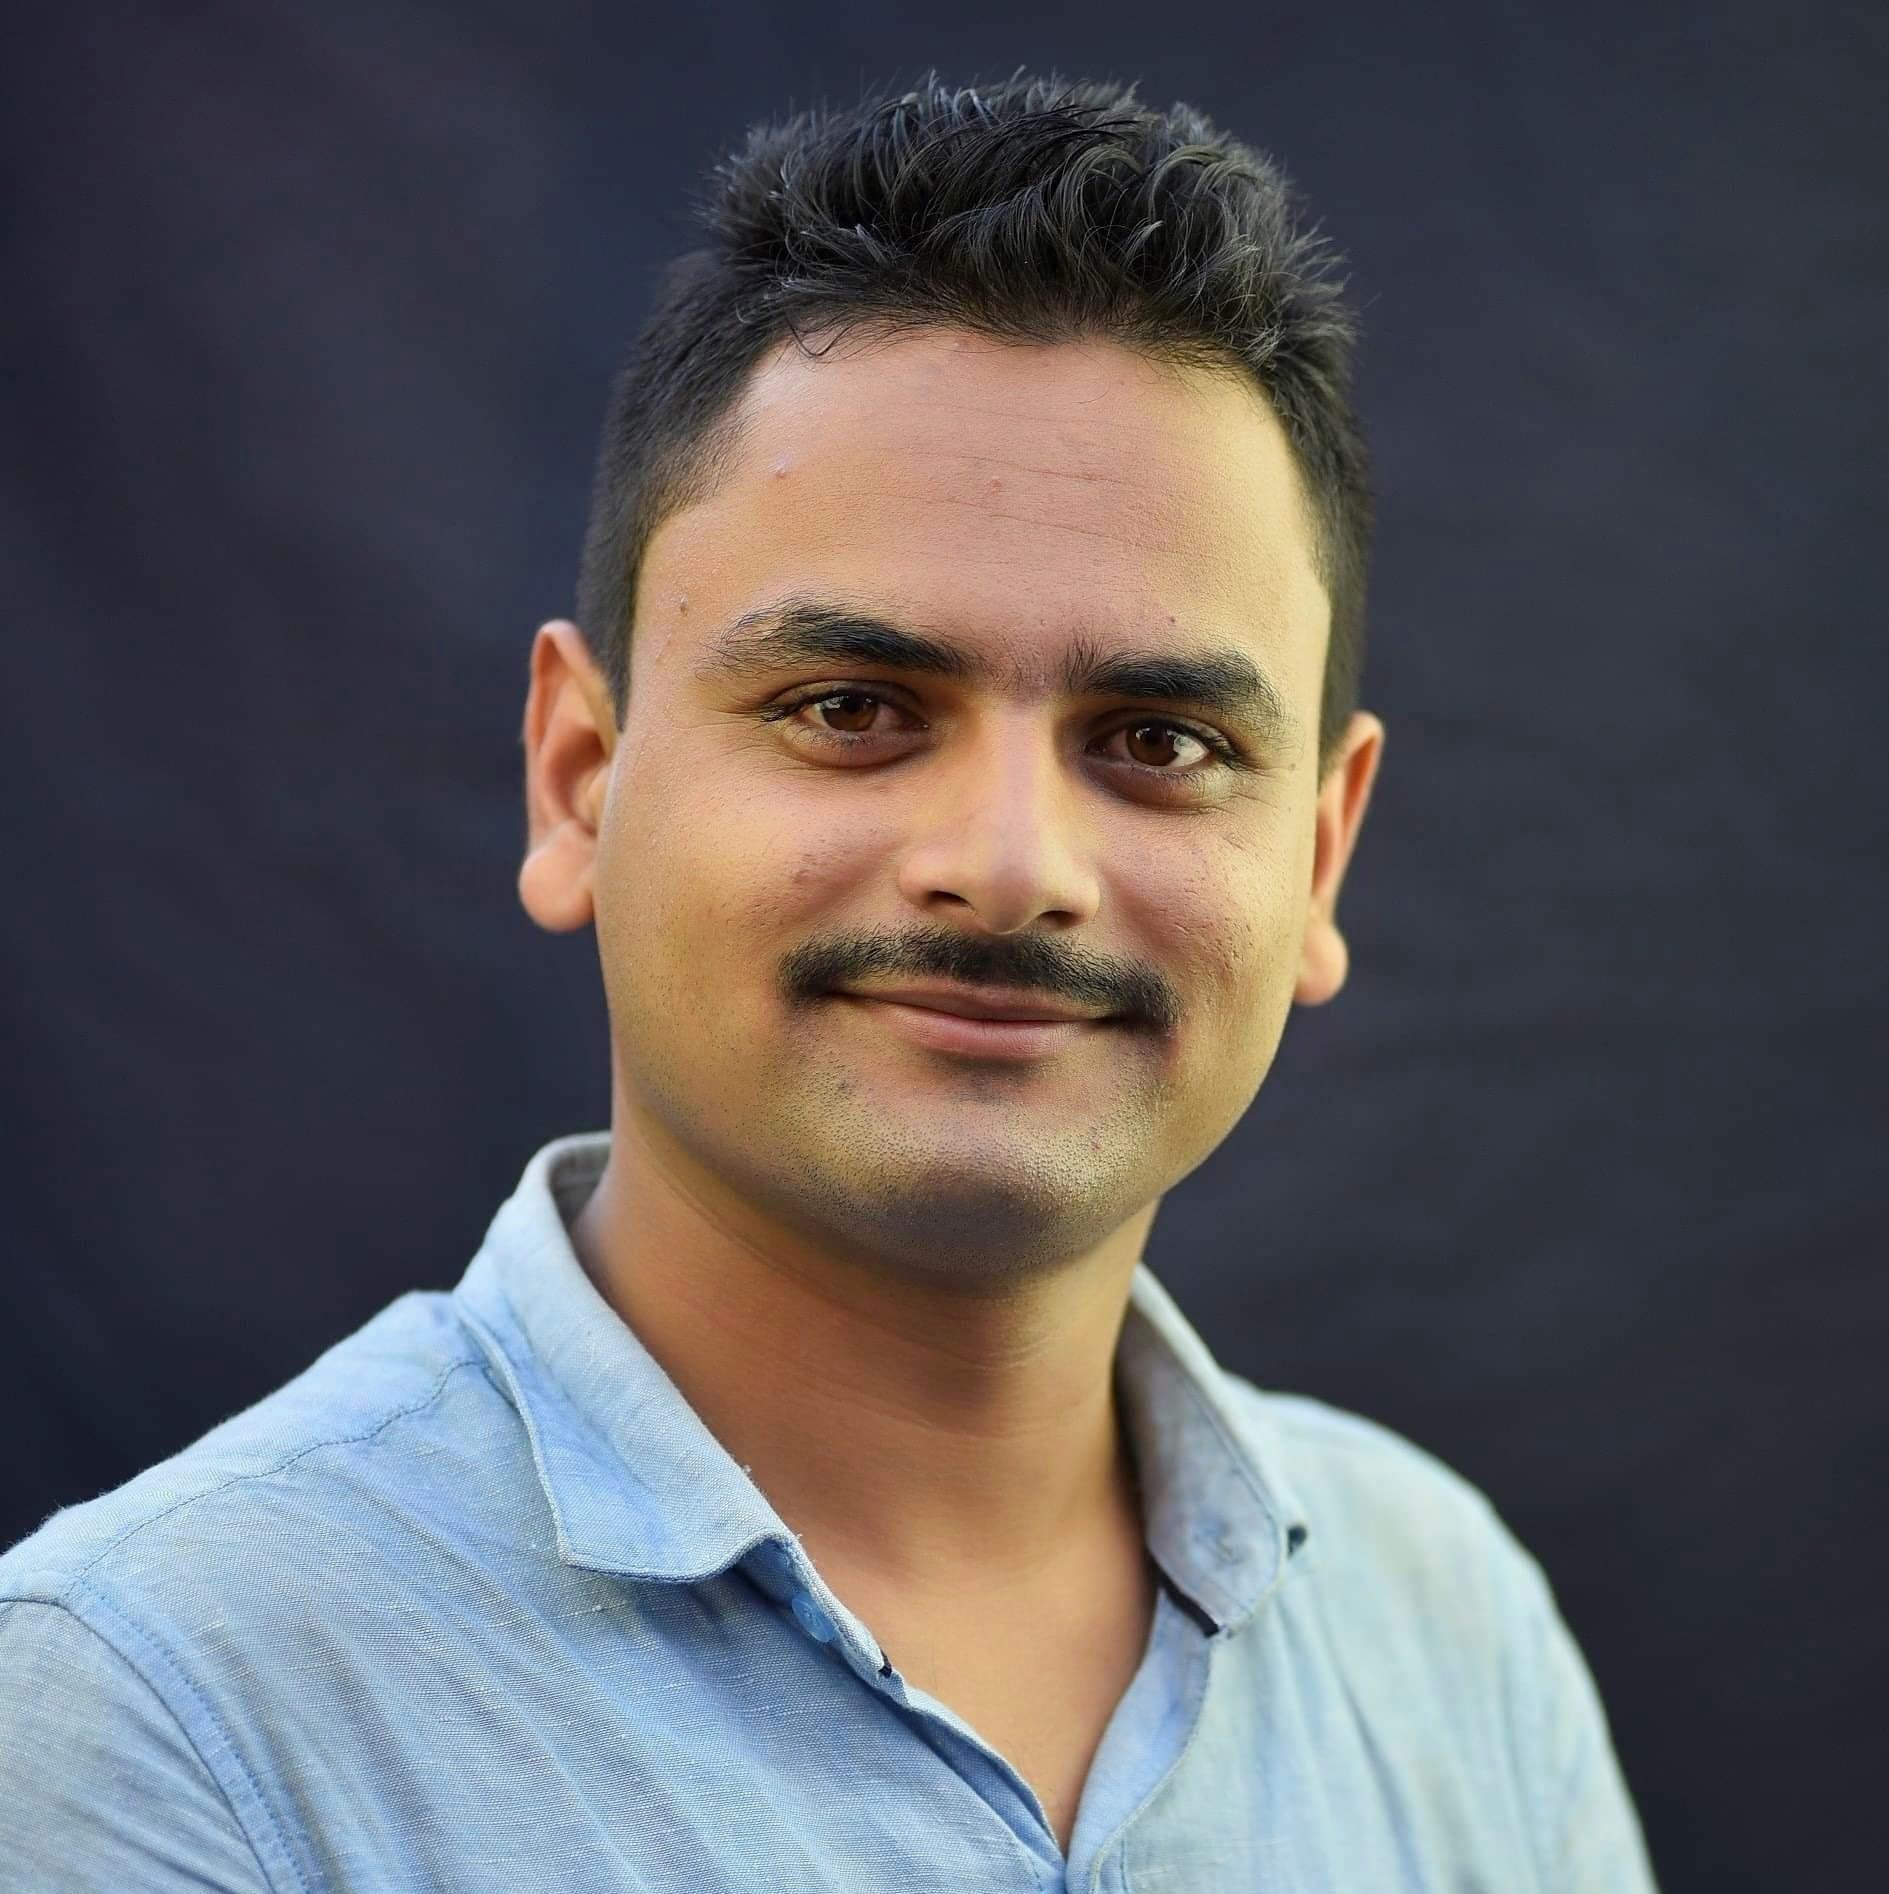 Prashanna Pokharel